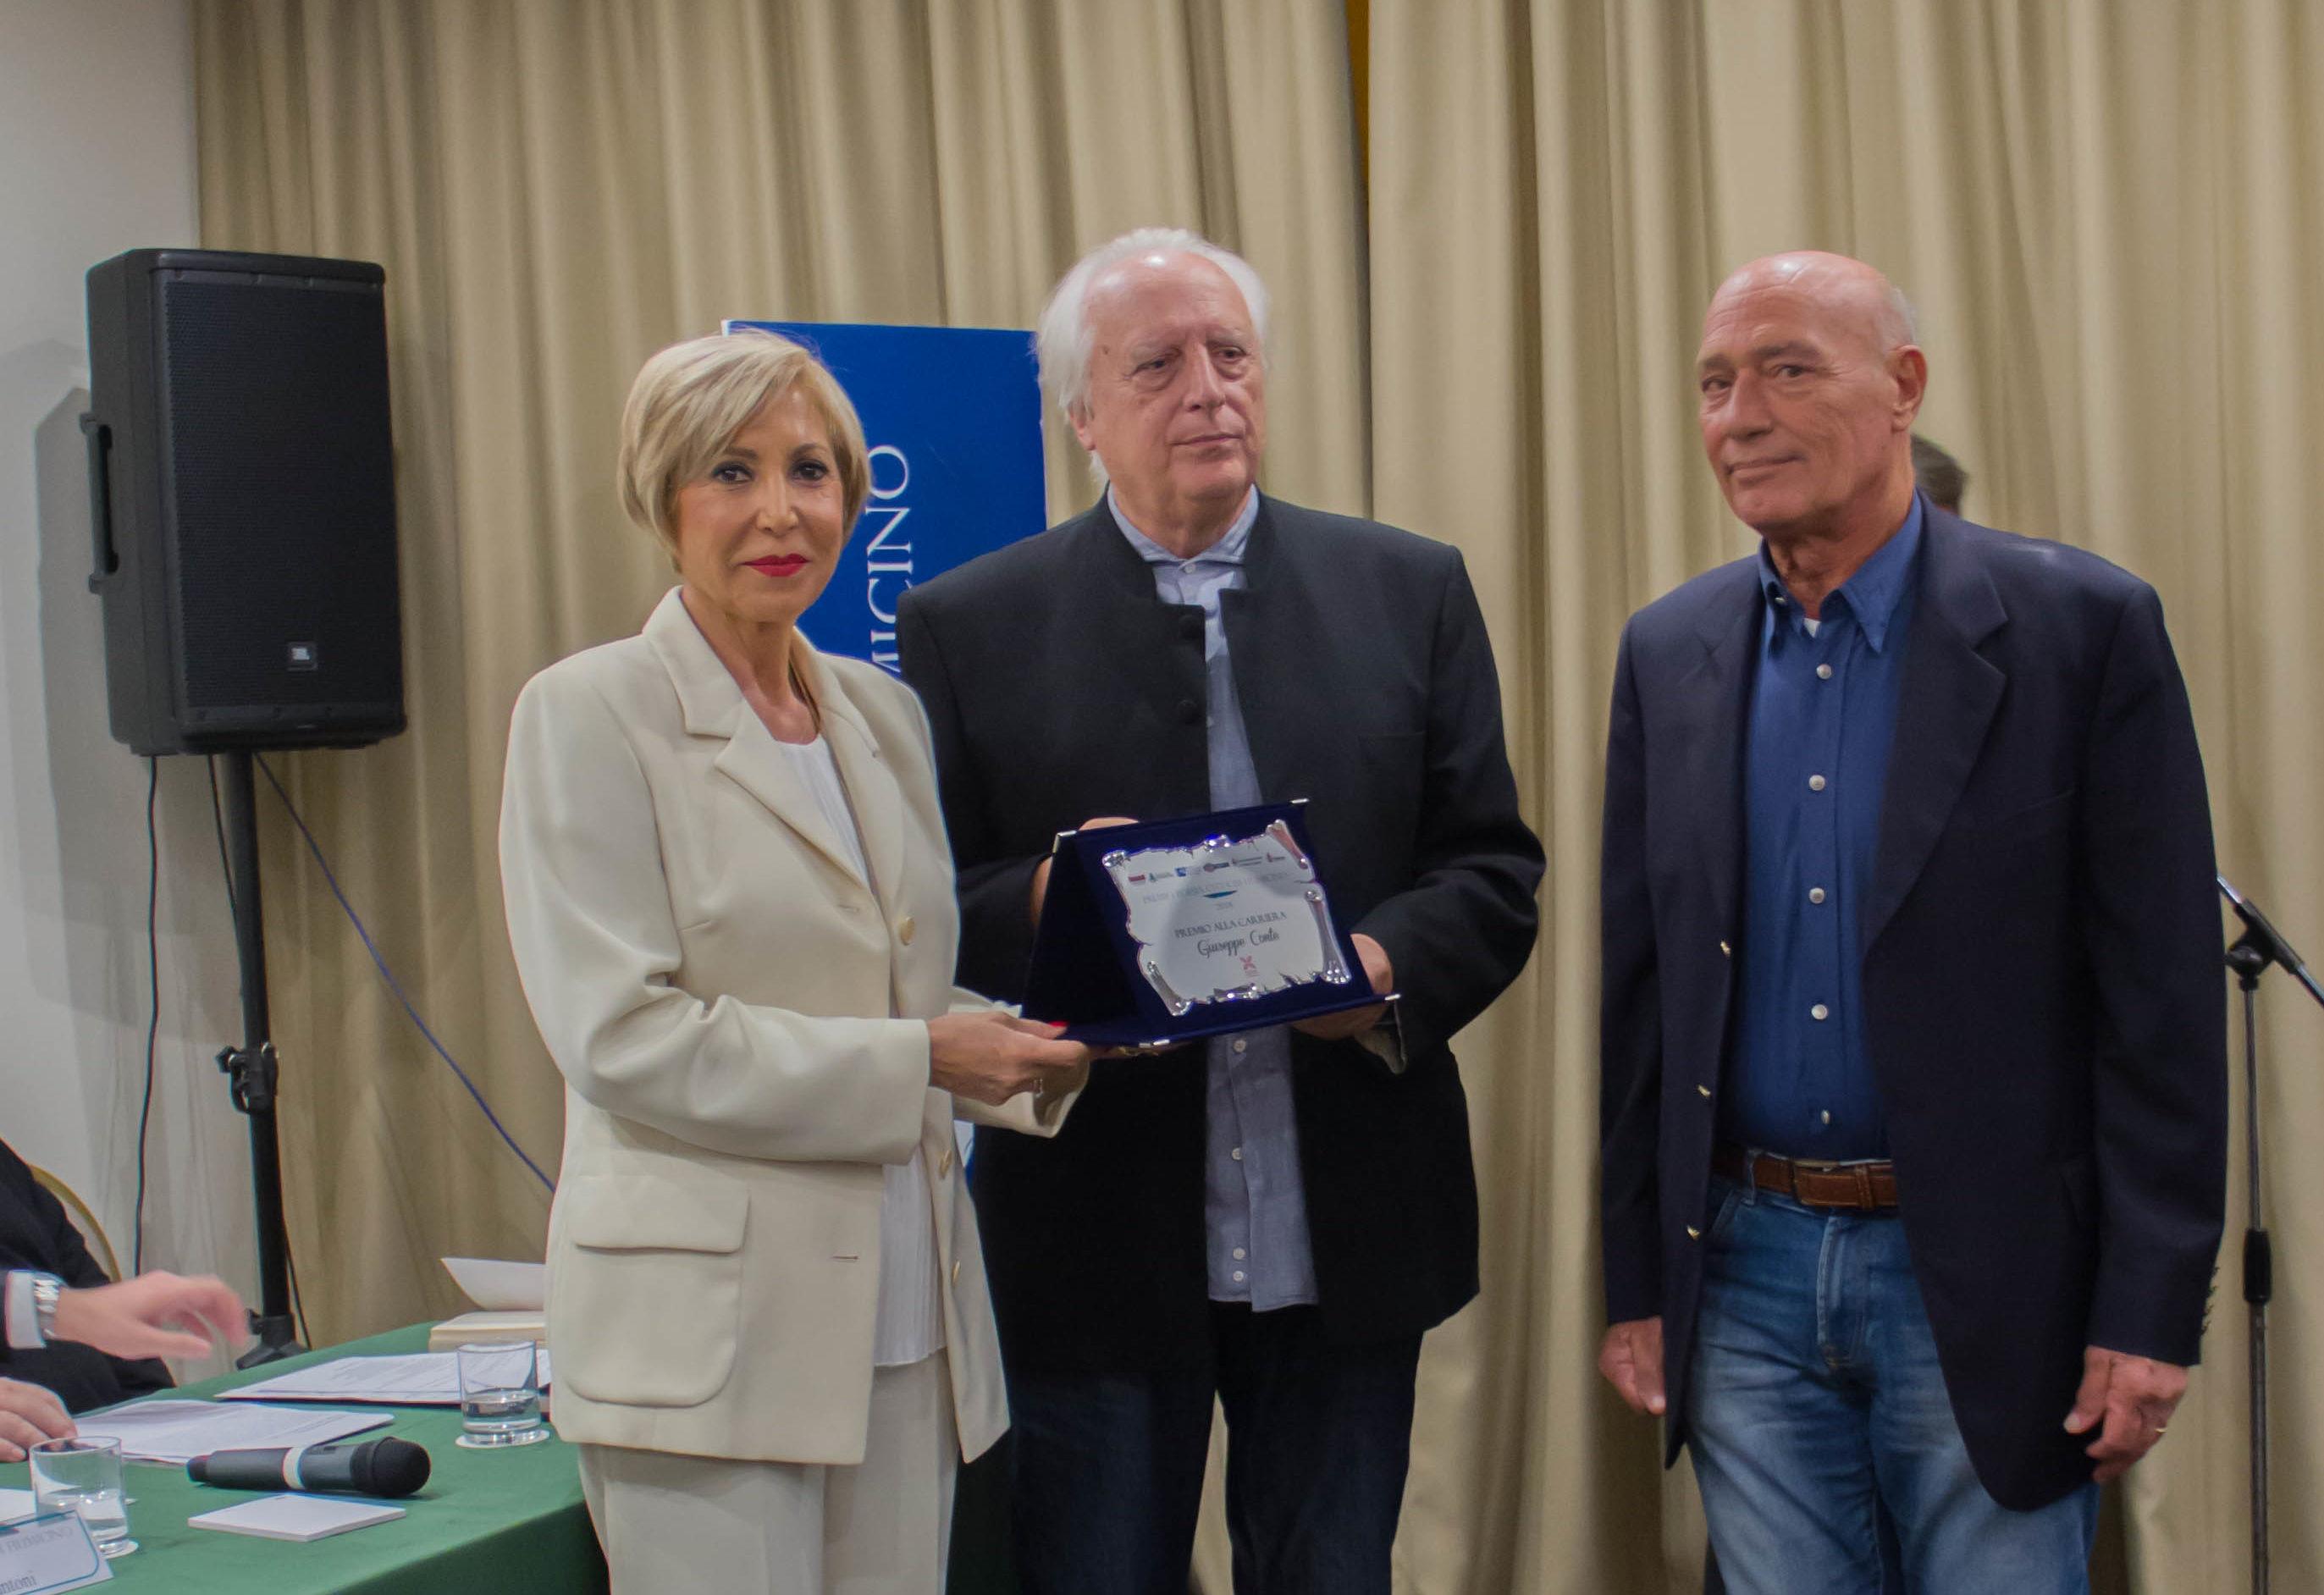 La Fondazione Catalano con il Premio Poesia Città di Fiumicino 2018